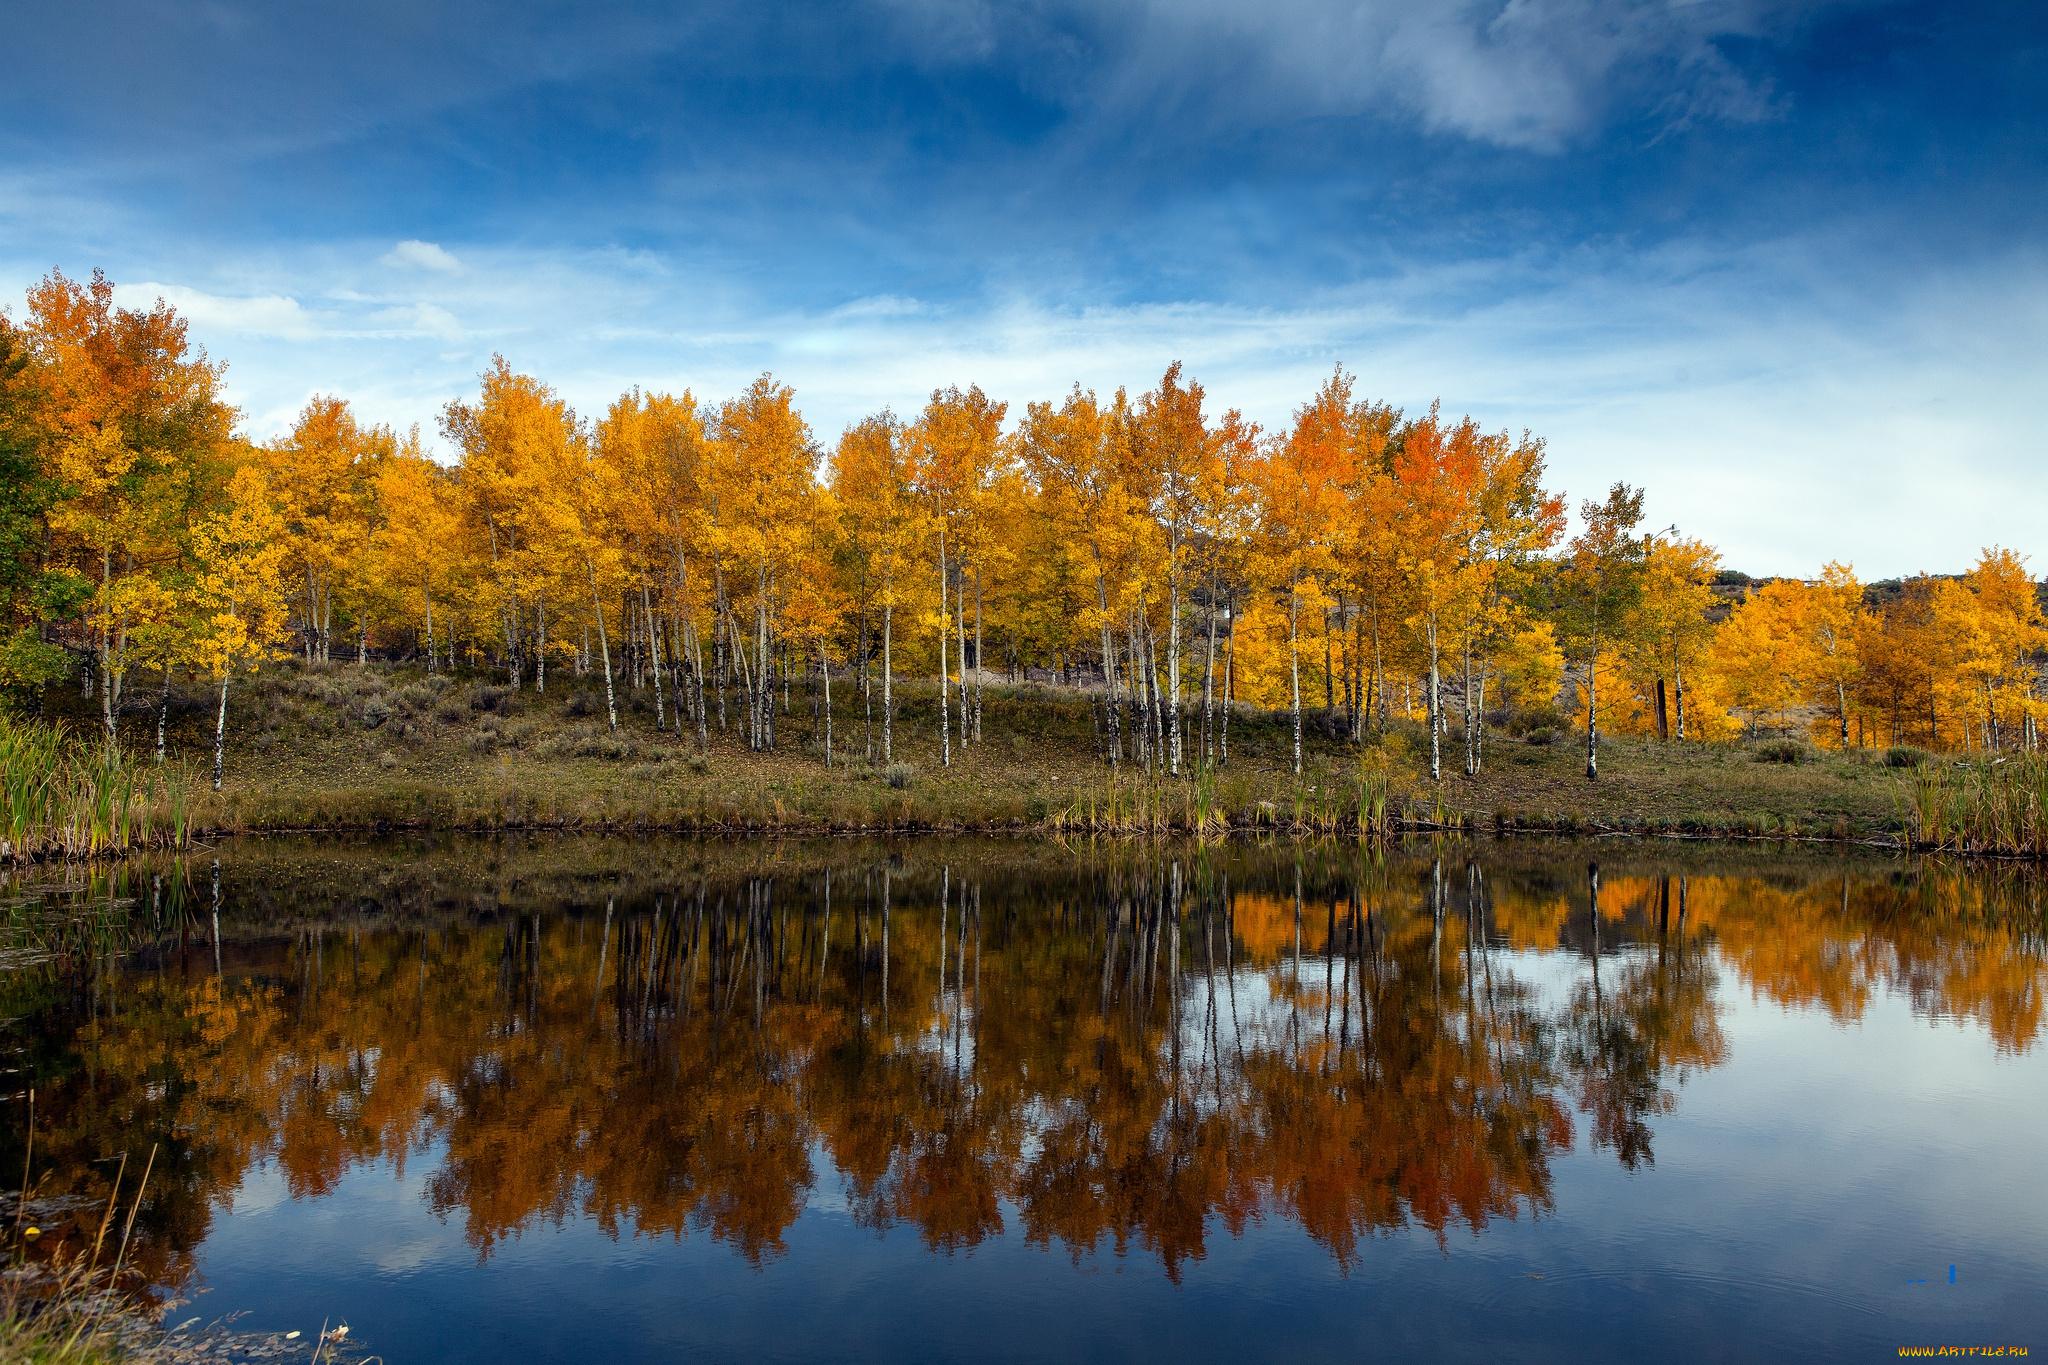 природа озеро деревья небо оссень  № 2536021 без смс